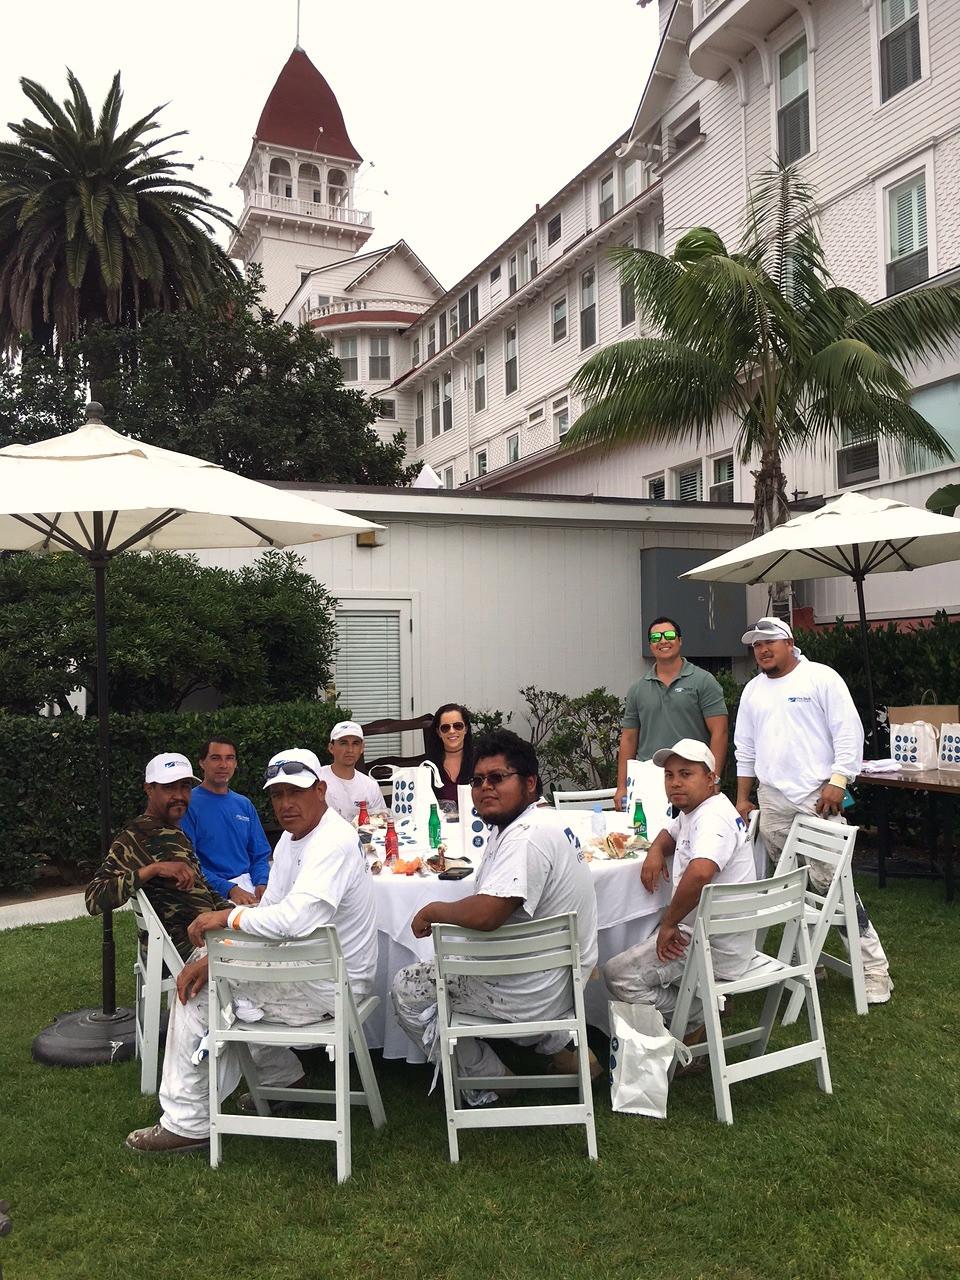 Hotel Del Coronado Lunch for Our Crew